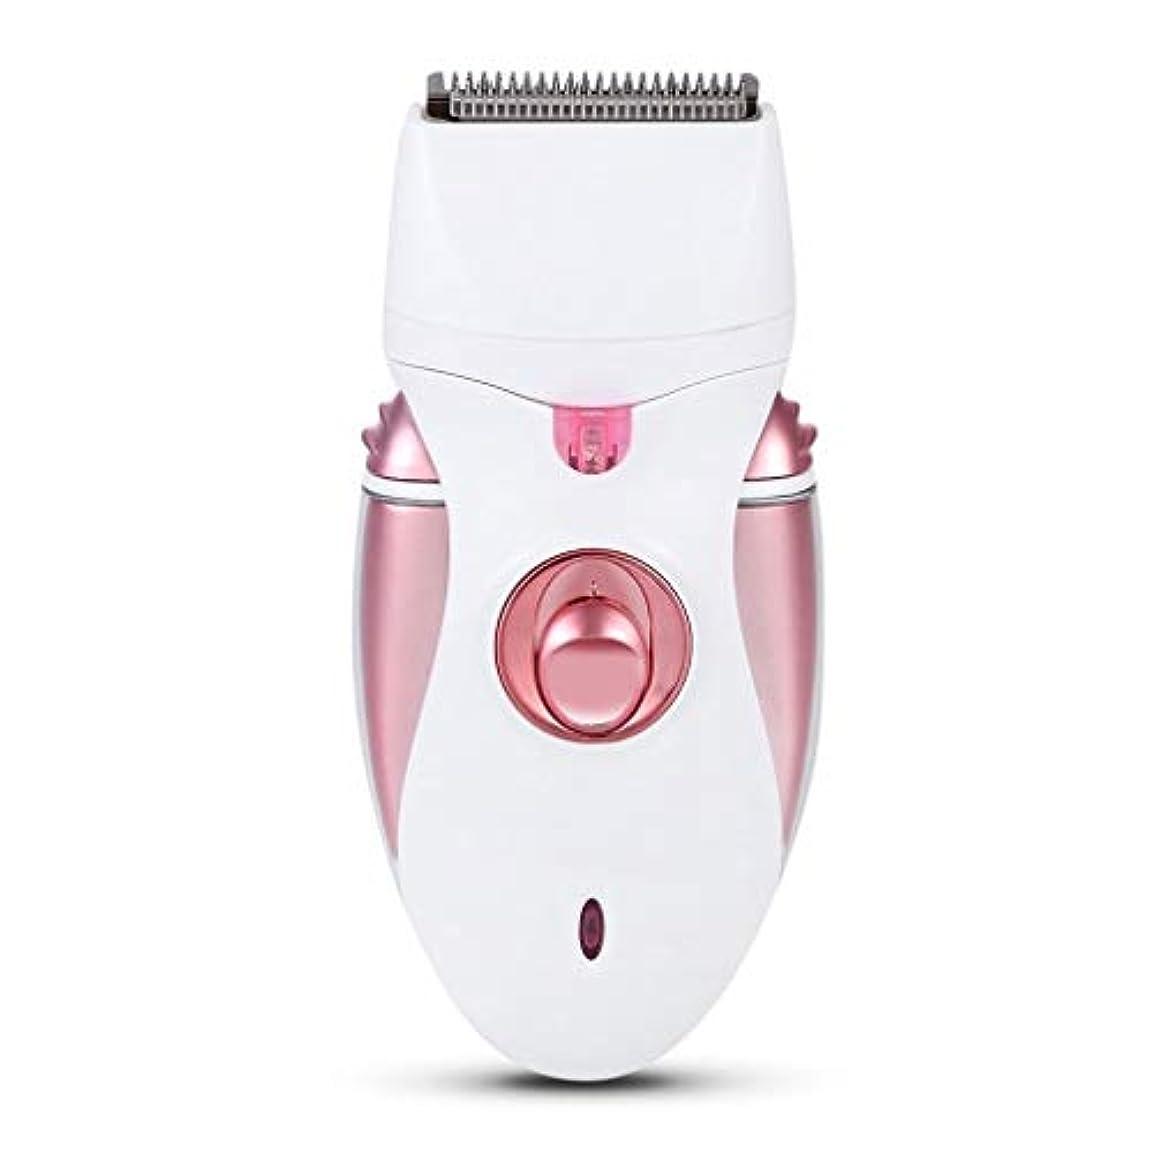 リビジョン子豚長さSCDLFQ 4-in-1脱毛器、ヘアスクラブ、女性用かみそり、ヘアリムーバー、すべての体の部分に適して